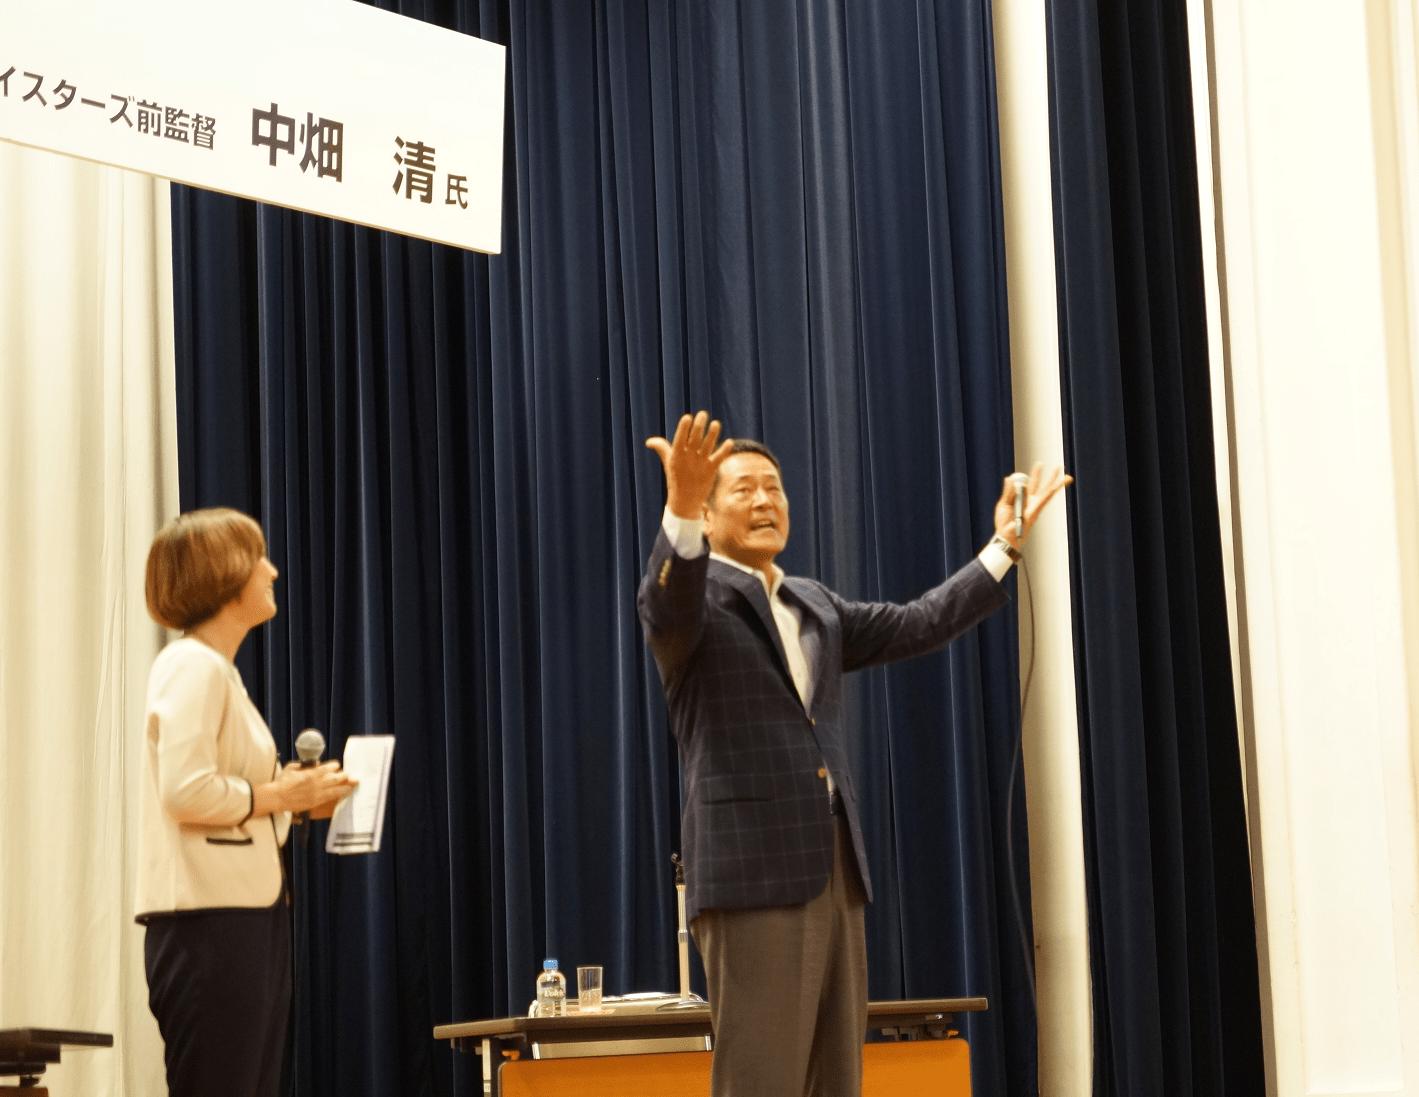 横浜で済生会フェア、中畑清氏のトークショーも